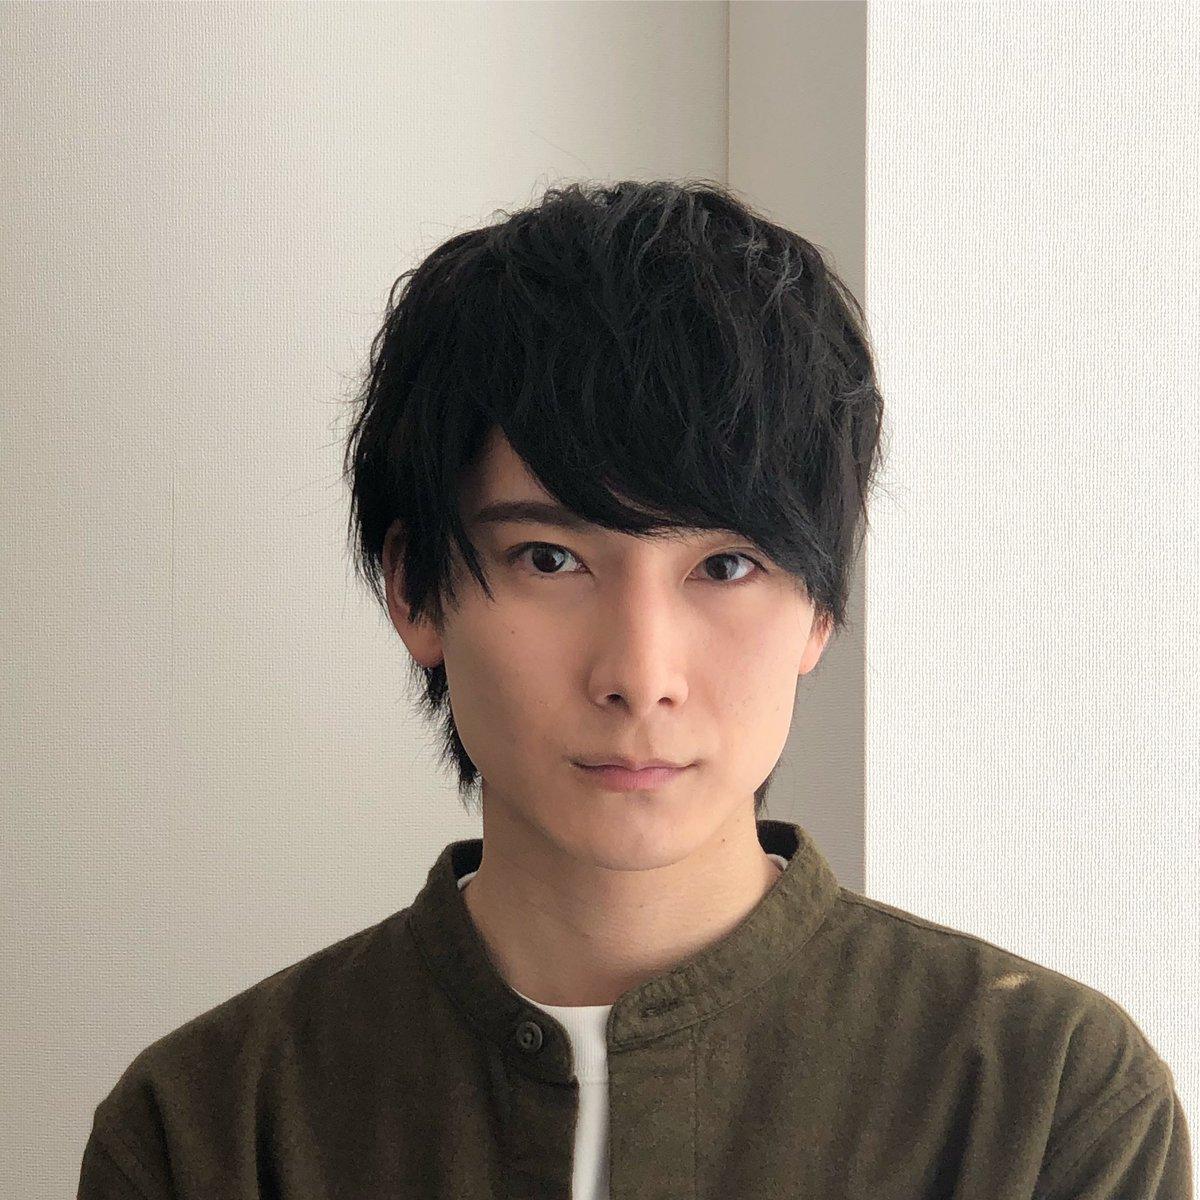 初めまして。Ever Green Entertainment所属朝田淳弥です。まだまだ役者としては未熟者ですが、応援の程、よろしくお願いします。#朝田淳弥#今日からSNS始めます